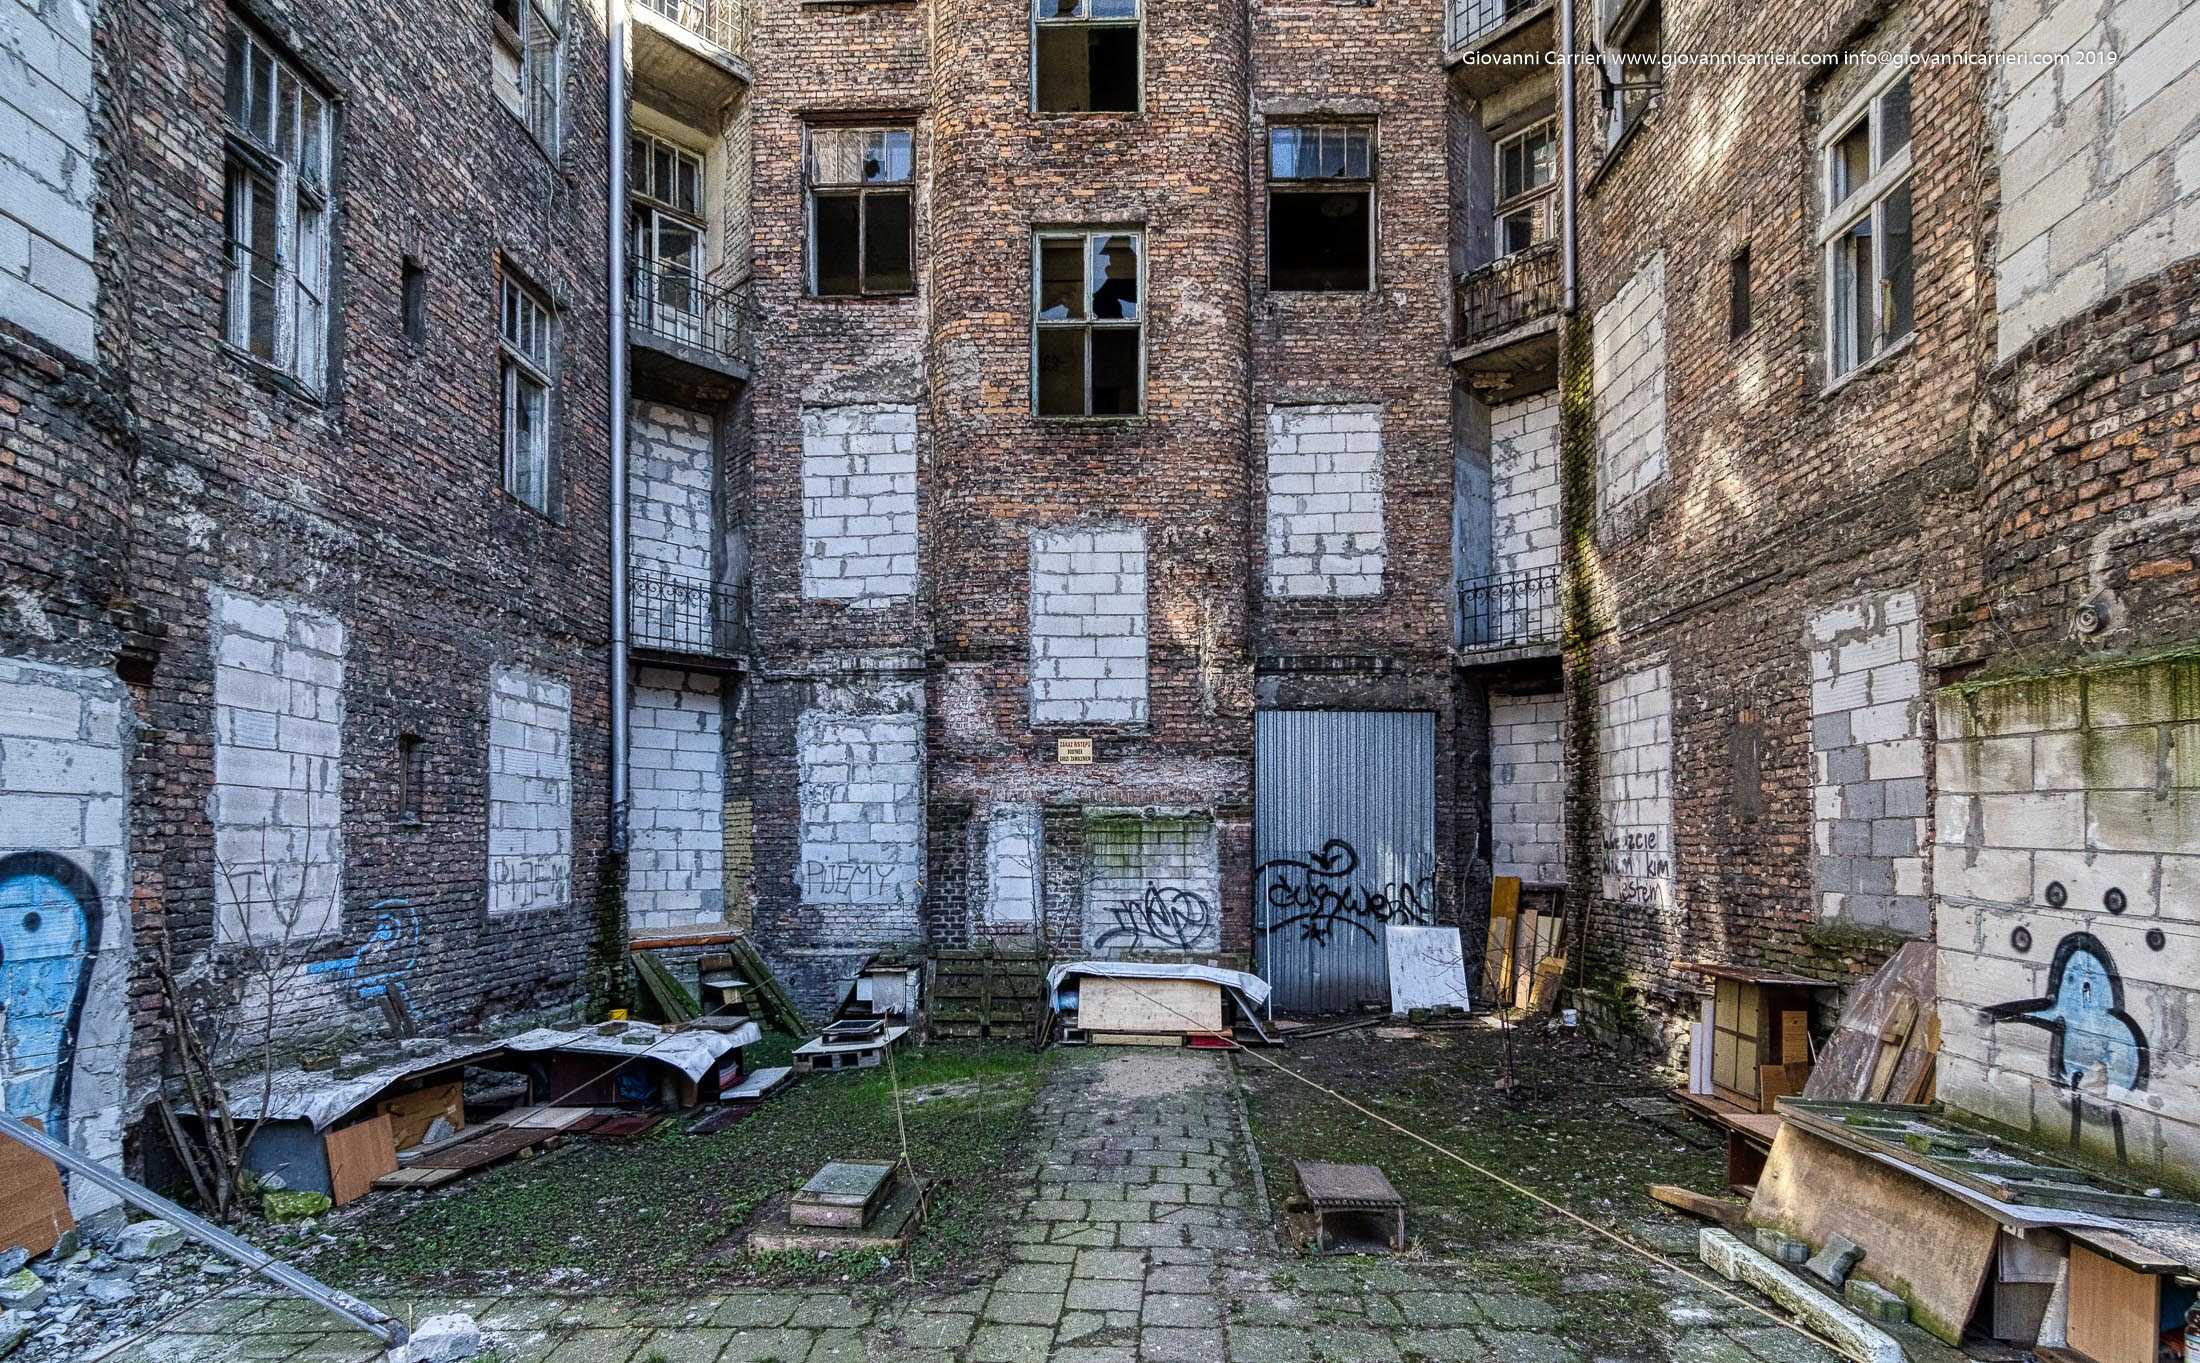 A courtyard of the Ghetto